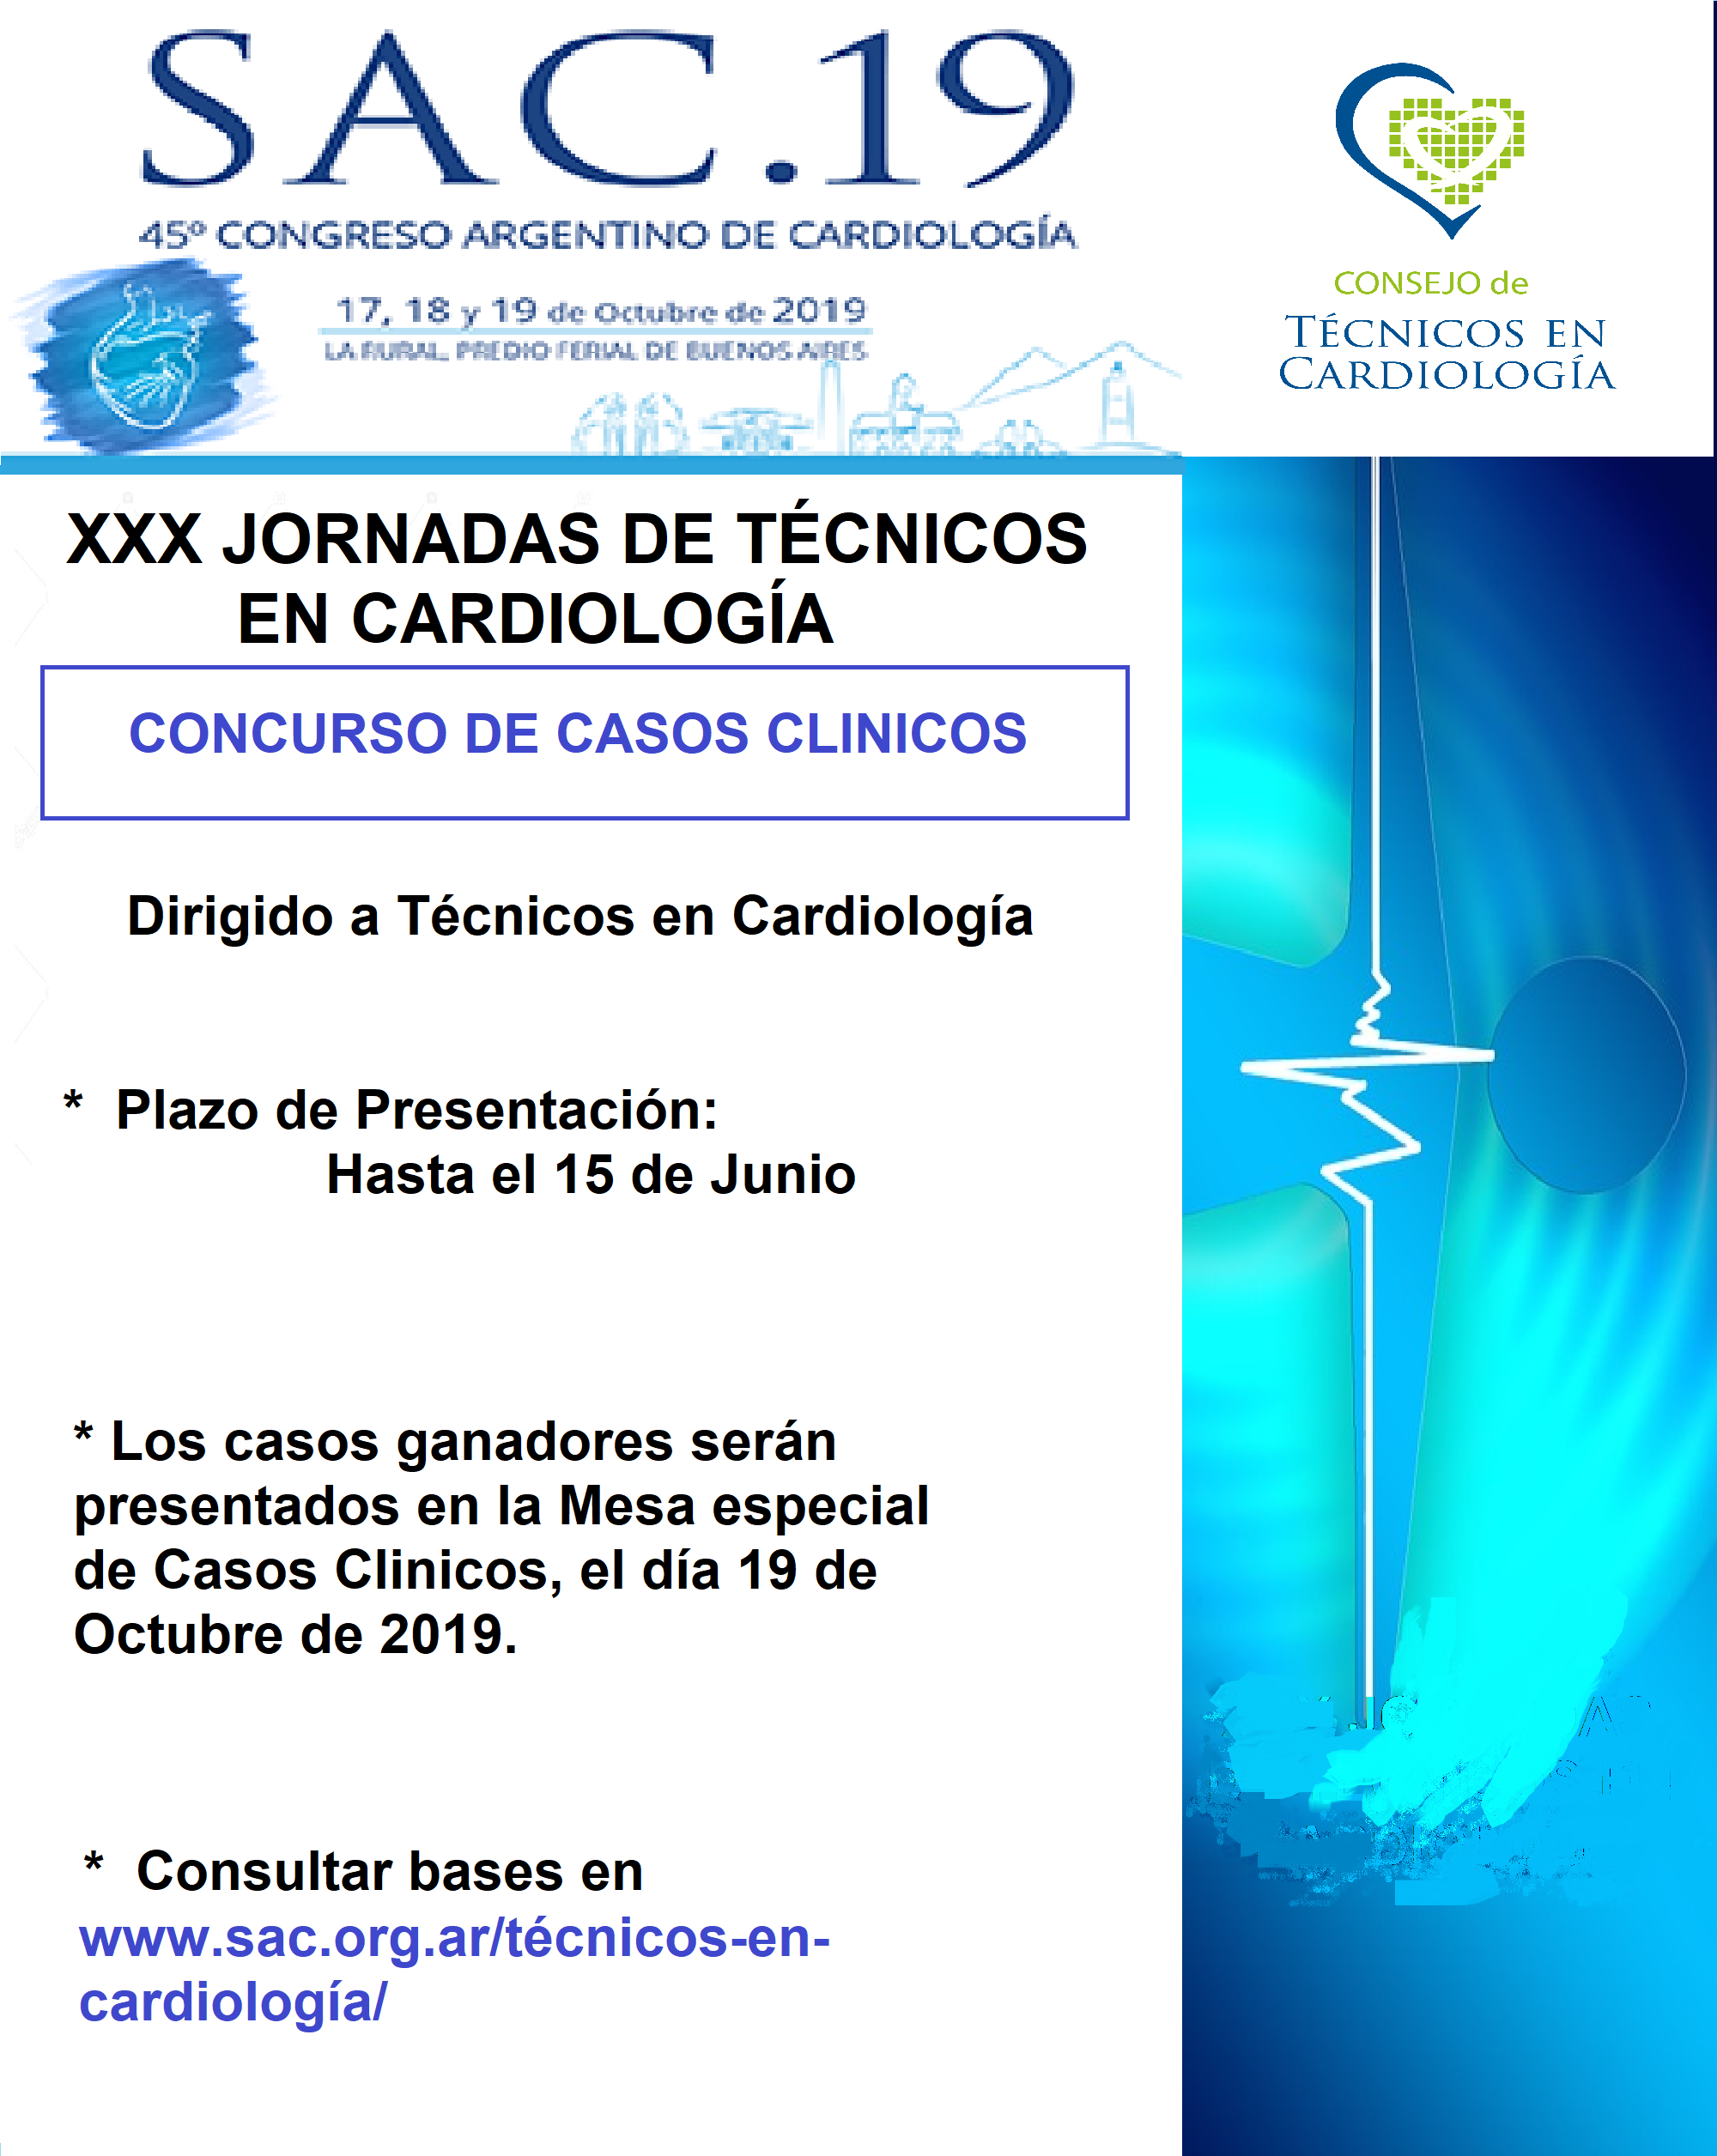 CONCURSO DE CASOS | XXX JORNADAS DE TÉCNICOS EN CARDIOLOGÍA